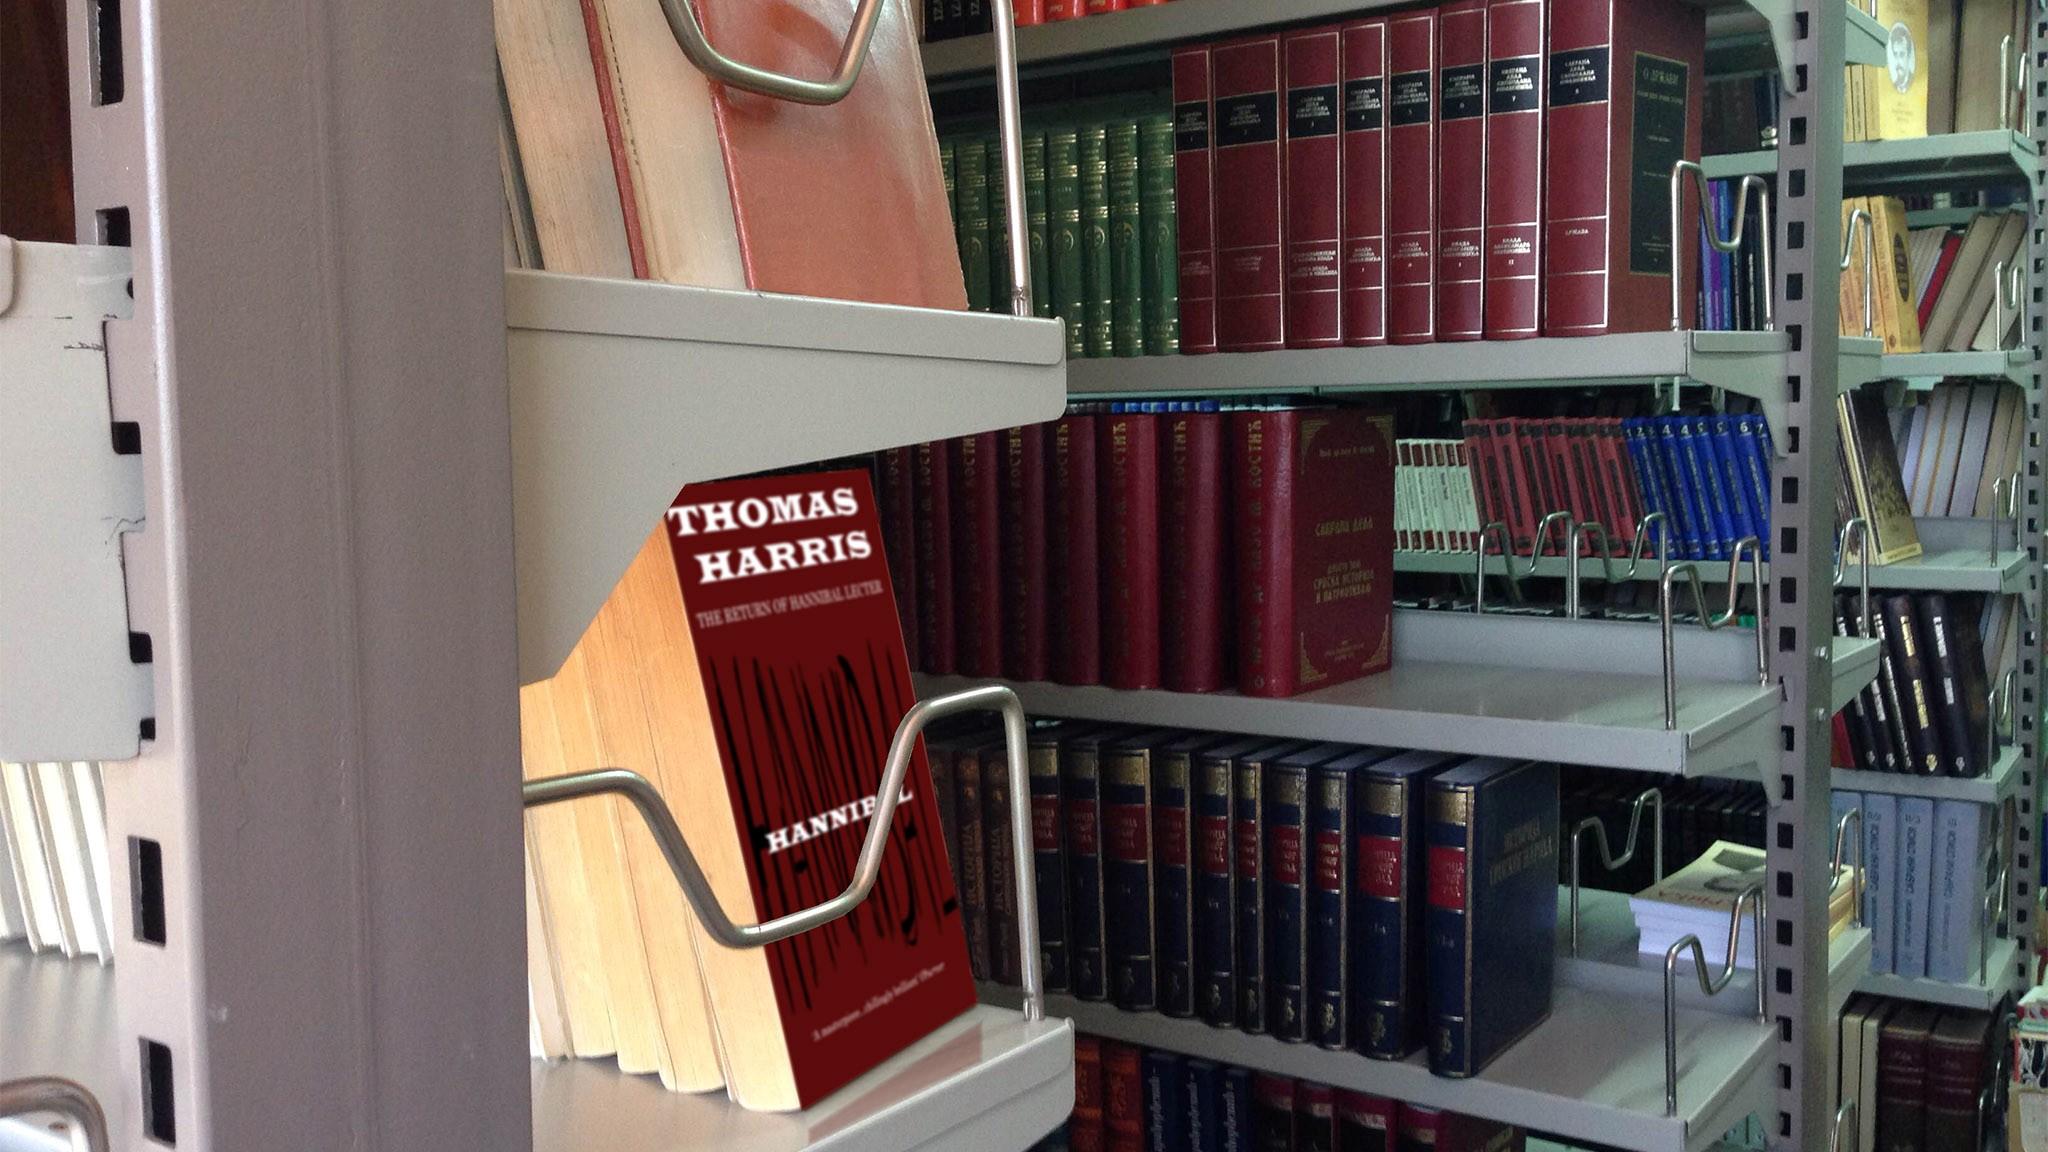 Knjižne police u biblioteci